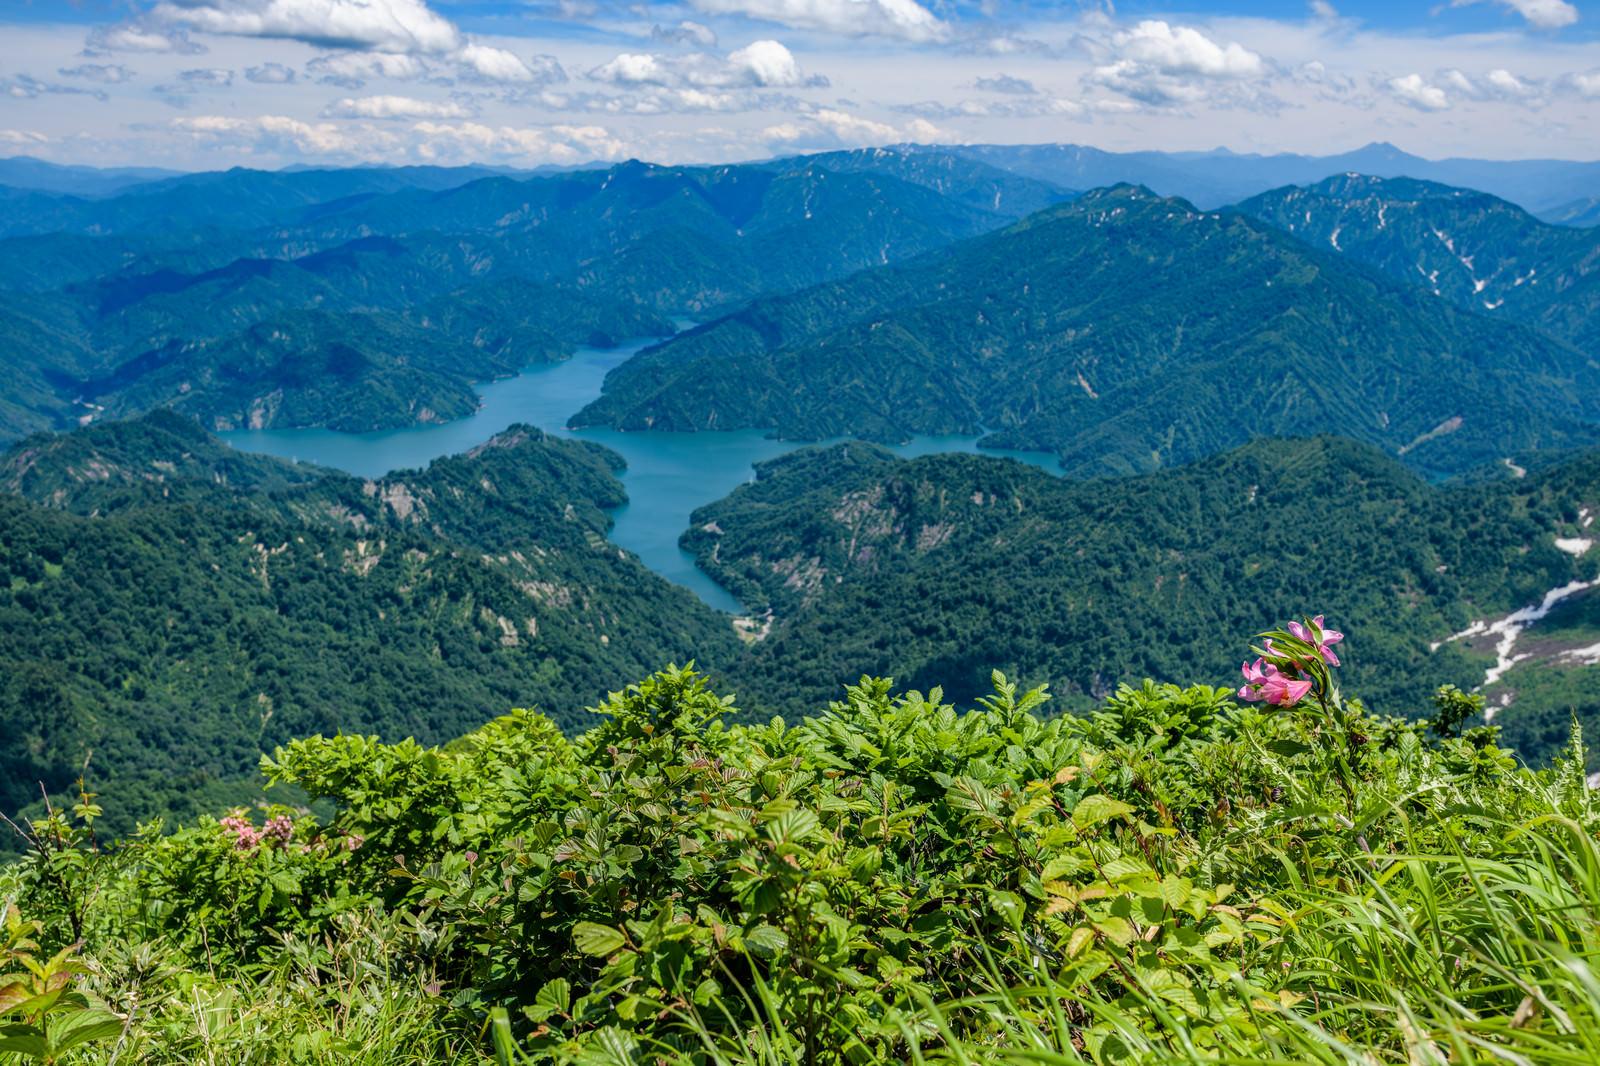 「ヒメサユリが自生する山から俯瞰する田子倉湖(田子倉ダム)」の写真